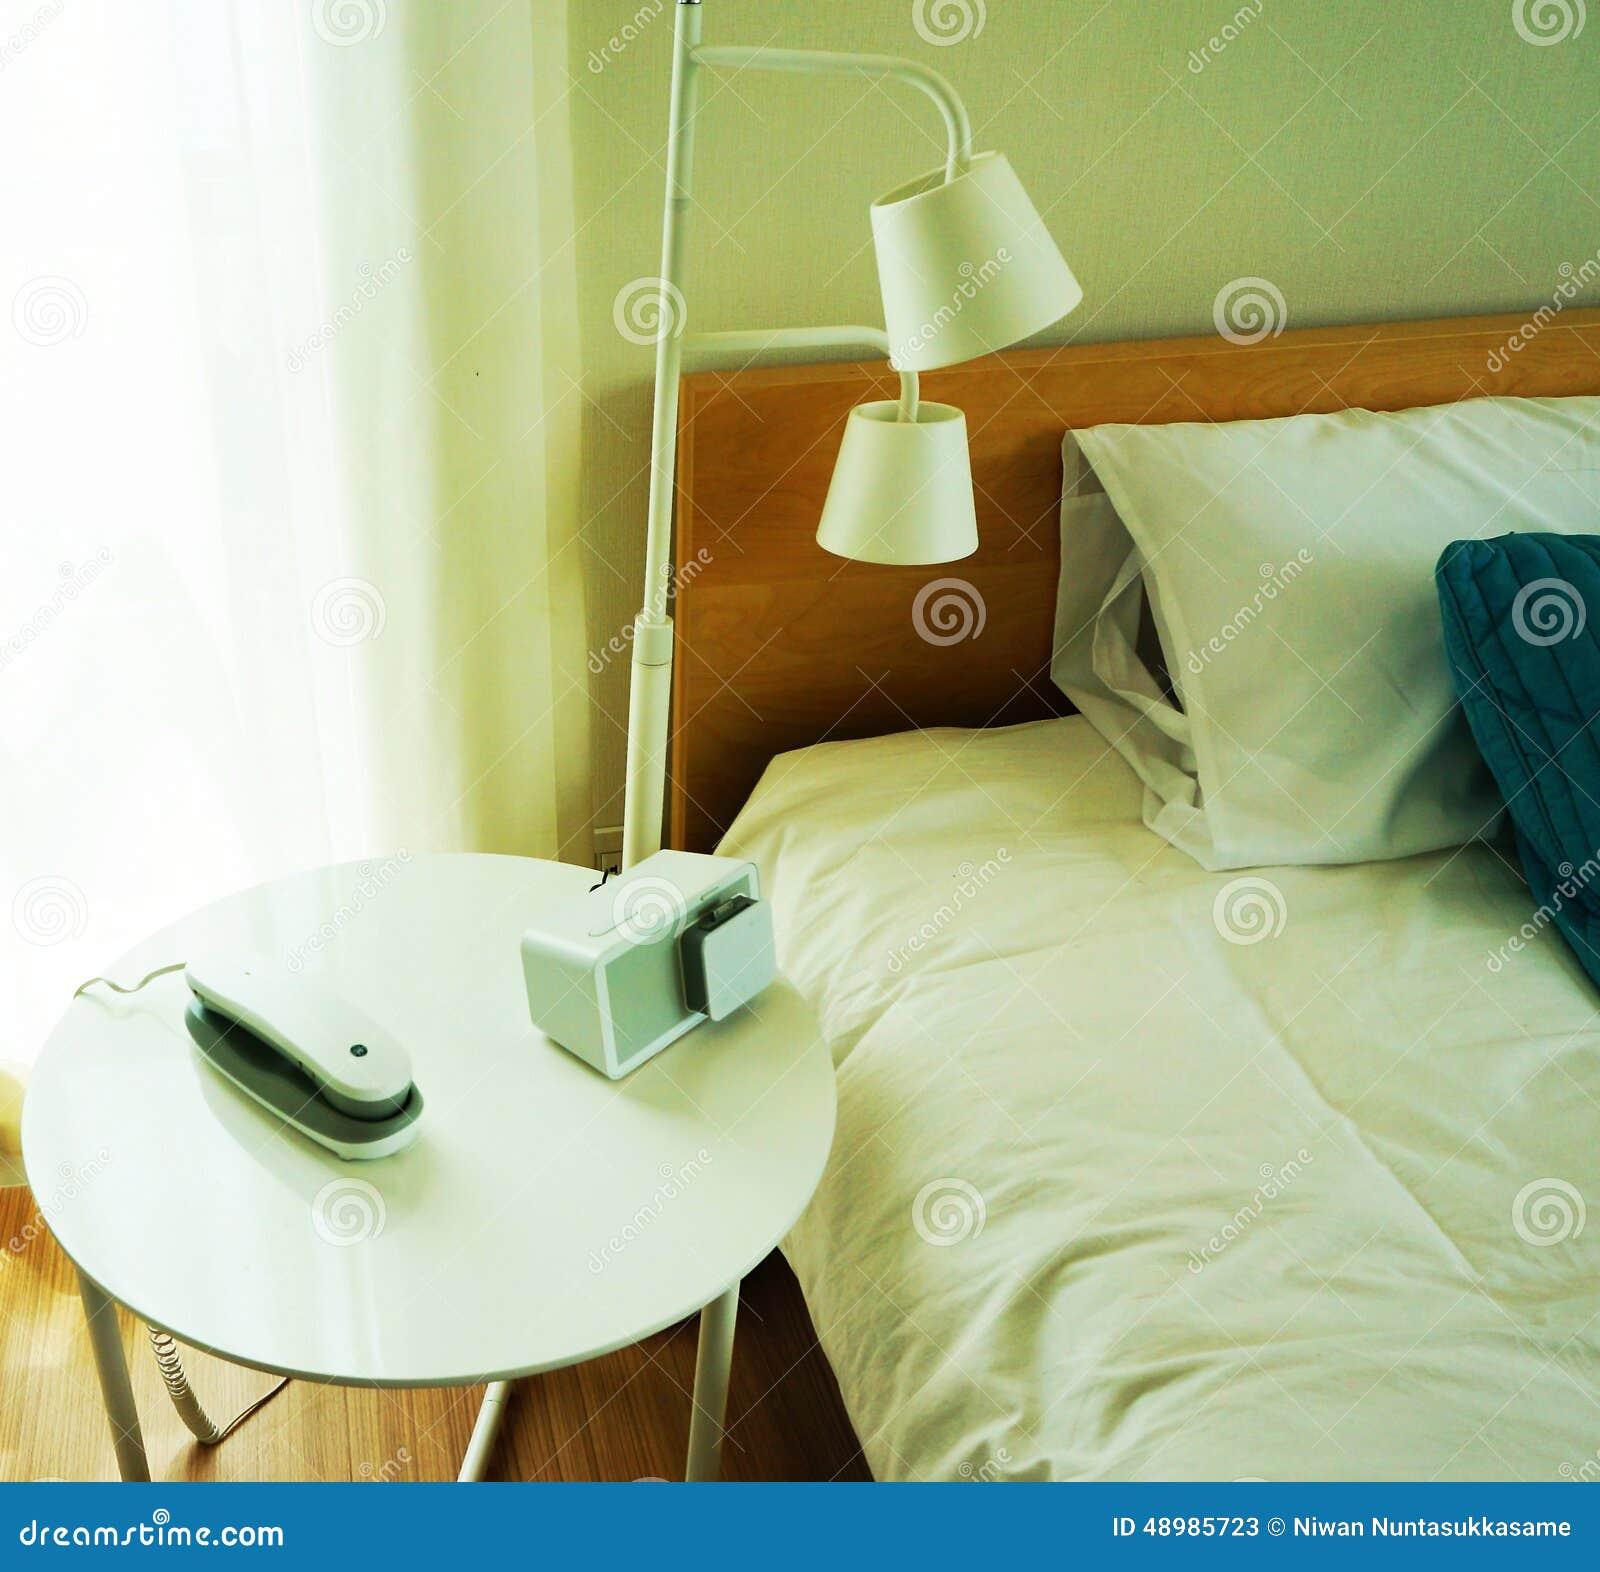 La mia camera da letto immagine stock. Immagine di interno ...